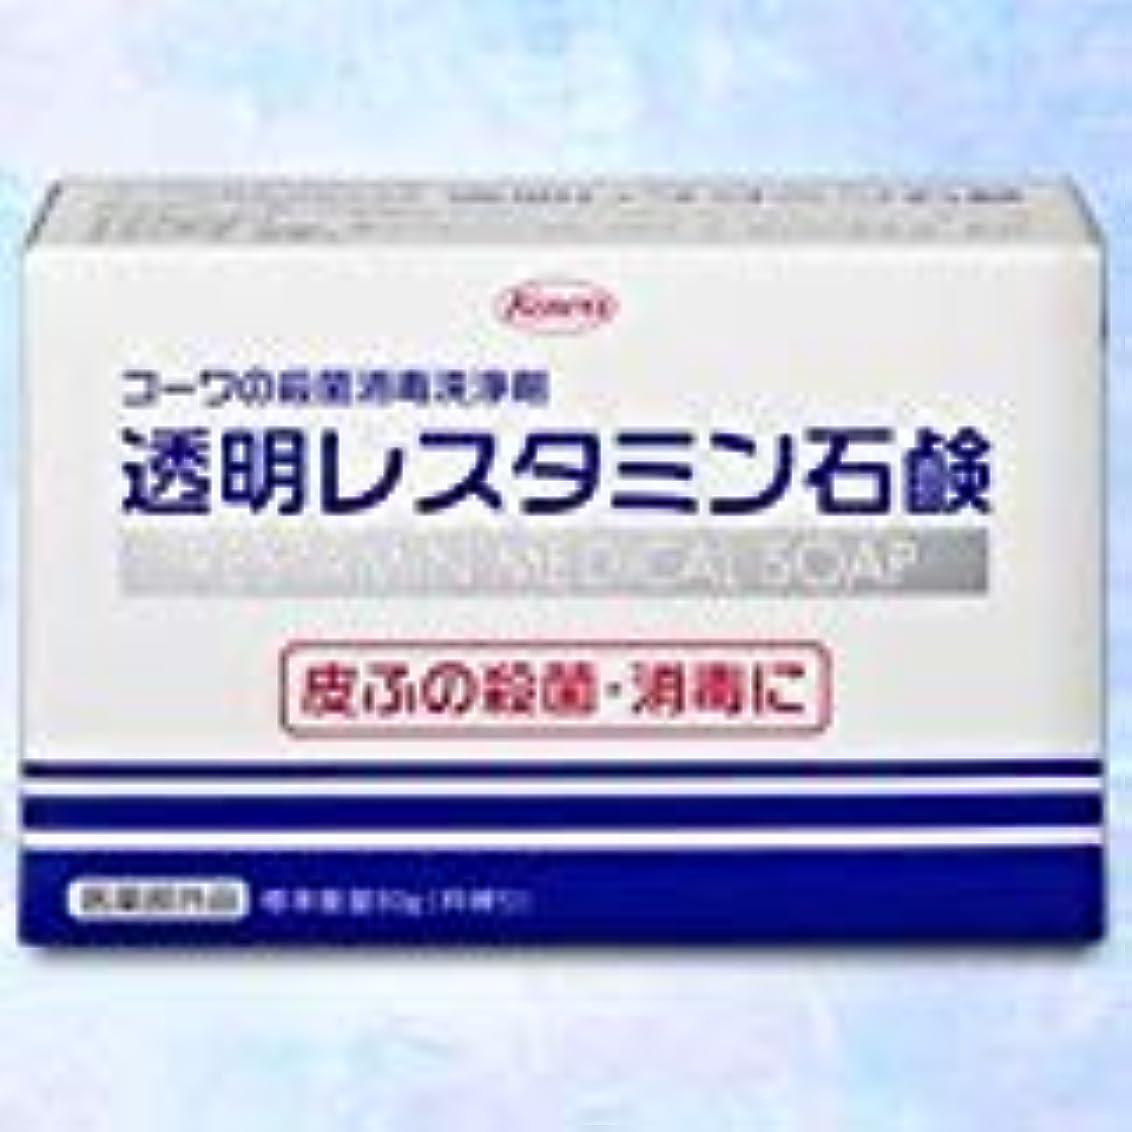 血散歩ビリーヤギ【興和】コーワの殺菌消毒洗浄剤「透明レスタミン石鹸」80g(医薬部外品) ×3個セット